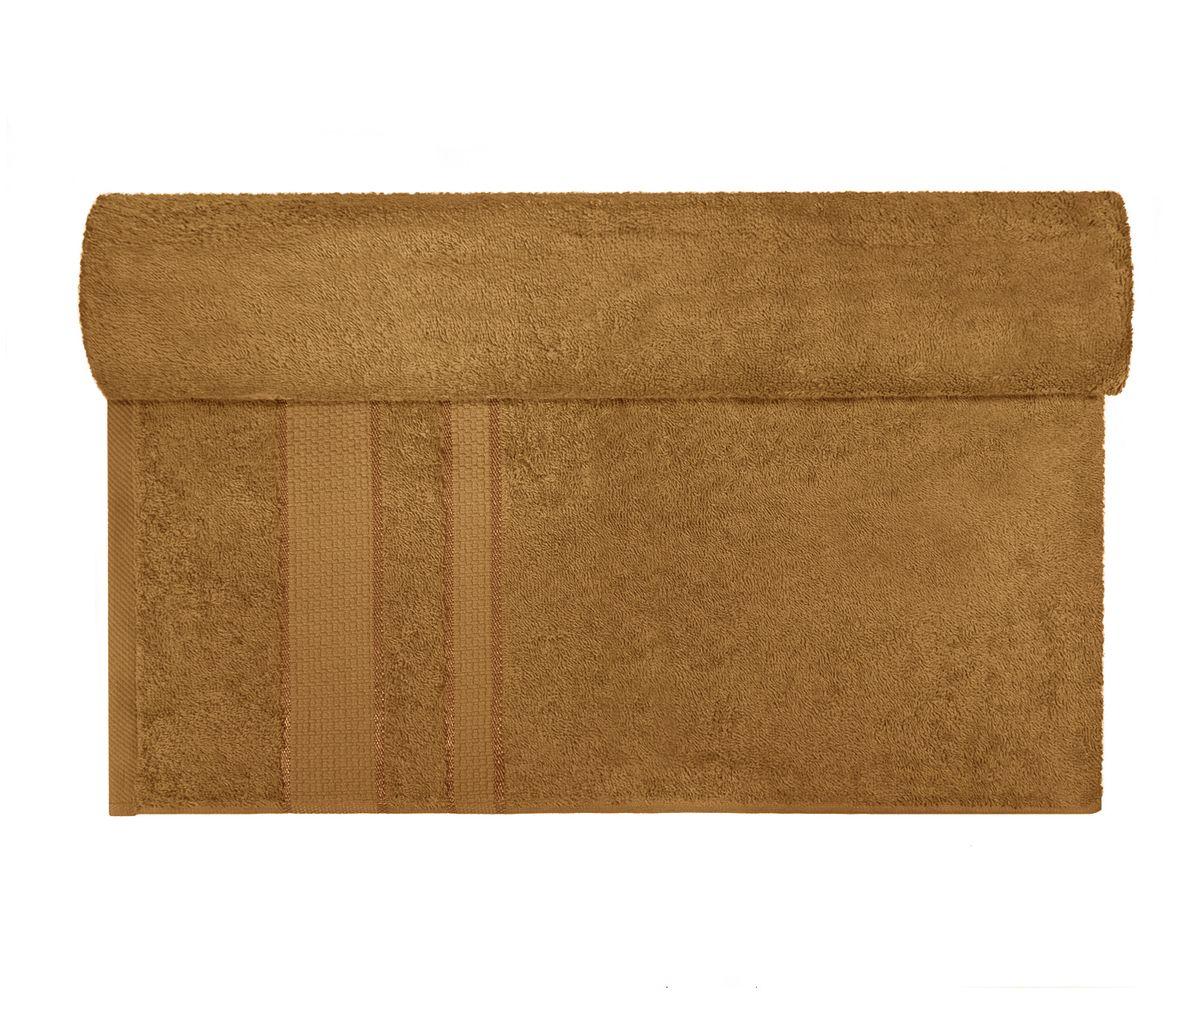 Полотенце махровое Osborn Textile, цвет: коричневый, 70 см х 140 смУзТ-МПБ-004-02-20В состав полотенца Osborn Textile входит только натуральное волокно - хлопок. Лаконичные бордюры подойдут для любого интерьера ванной комнаты. Полотенце прекрасно впитывает влагу и быстро сохнет. При соблюдении рекомендаций по уходу не линяет и не теряет форму даже после многократных стирок. Плотность: 450 г/м2.